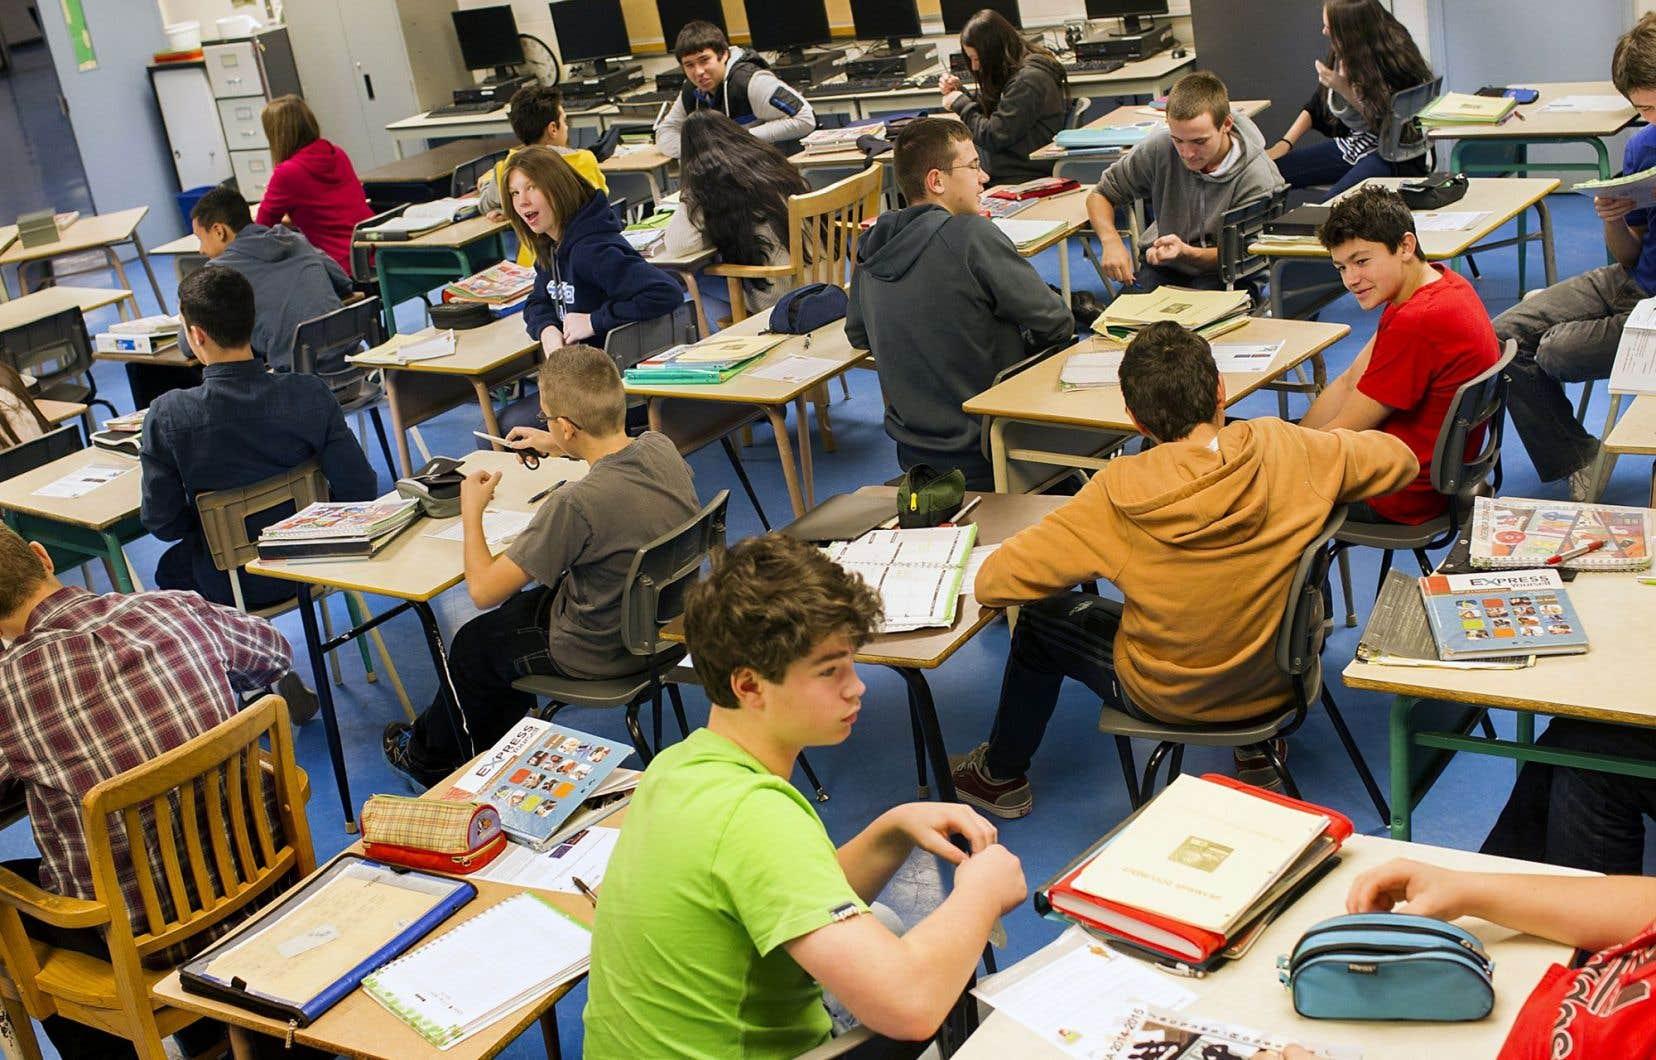 Le Conseil supérieur de l'Éducation propose la création d'un observatoire pour suivre ce qui se fait dans les classes au Québec.